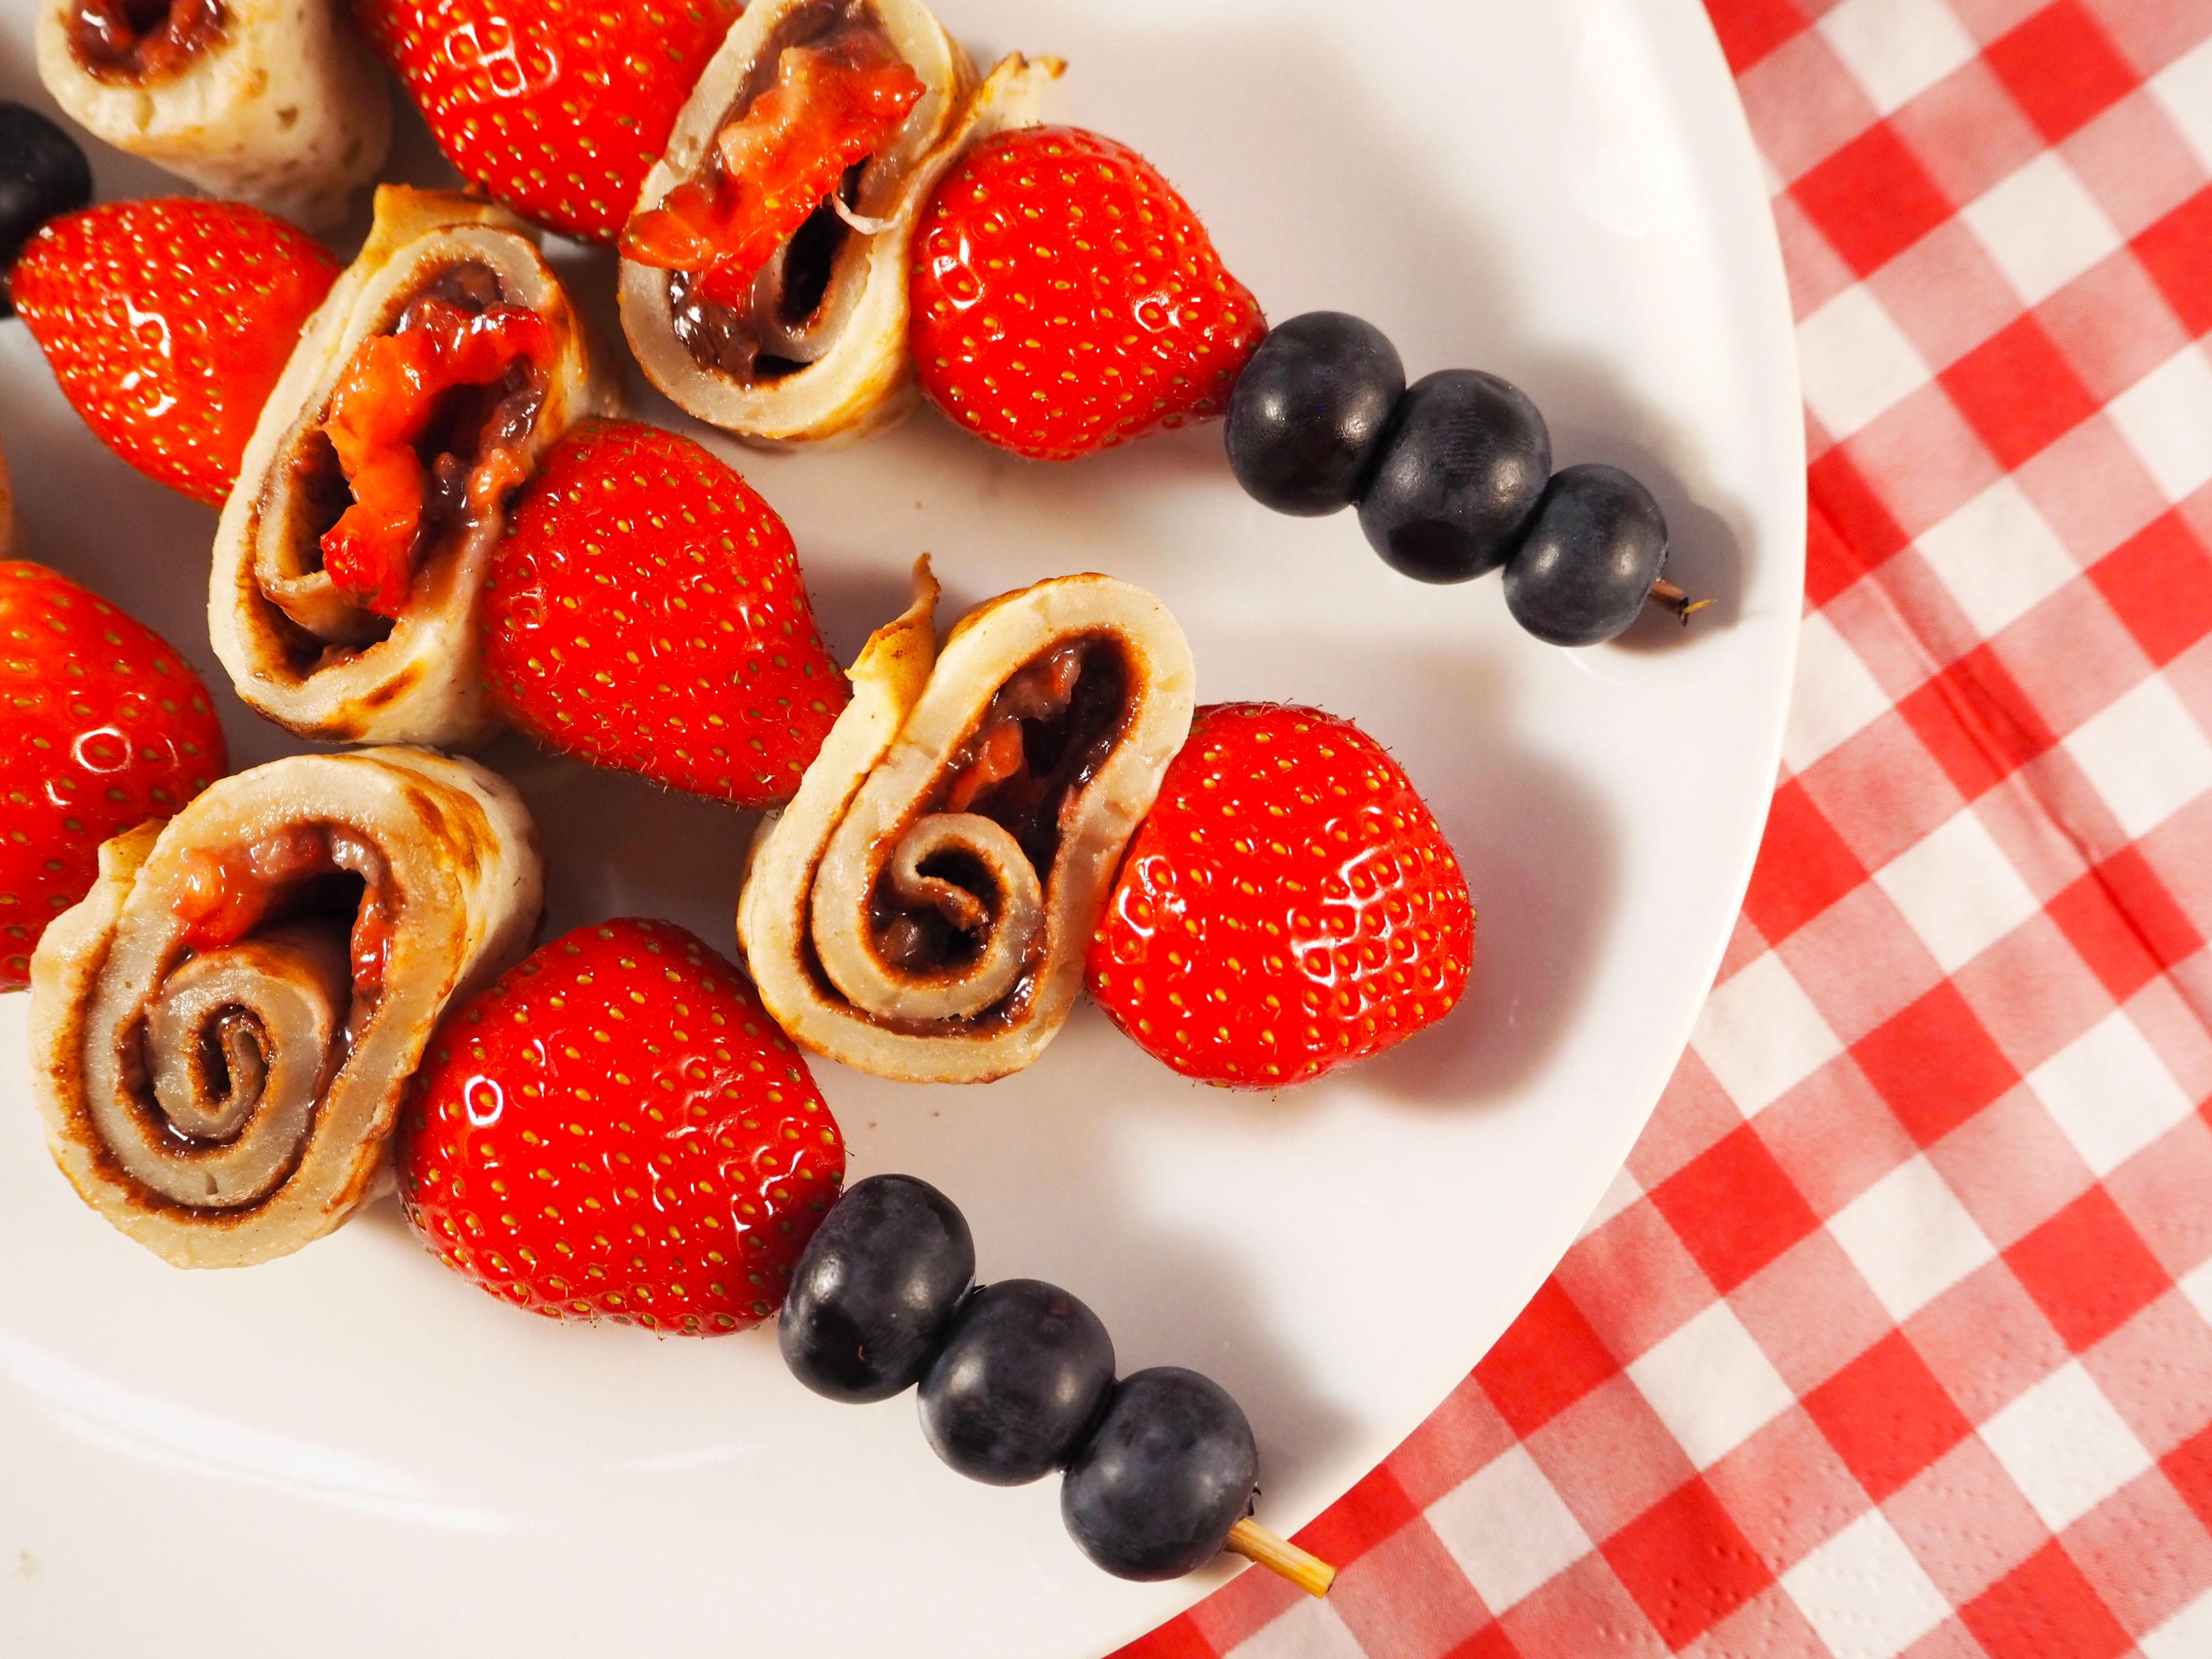 spiesjes met pannenkoeken nutella en aardbeien